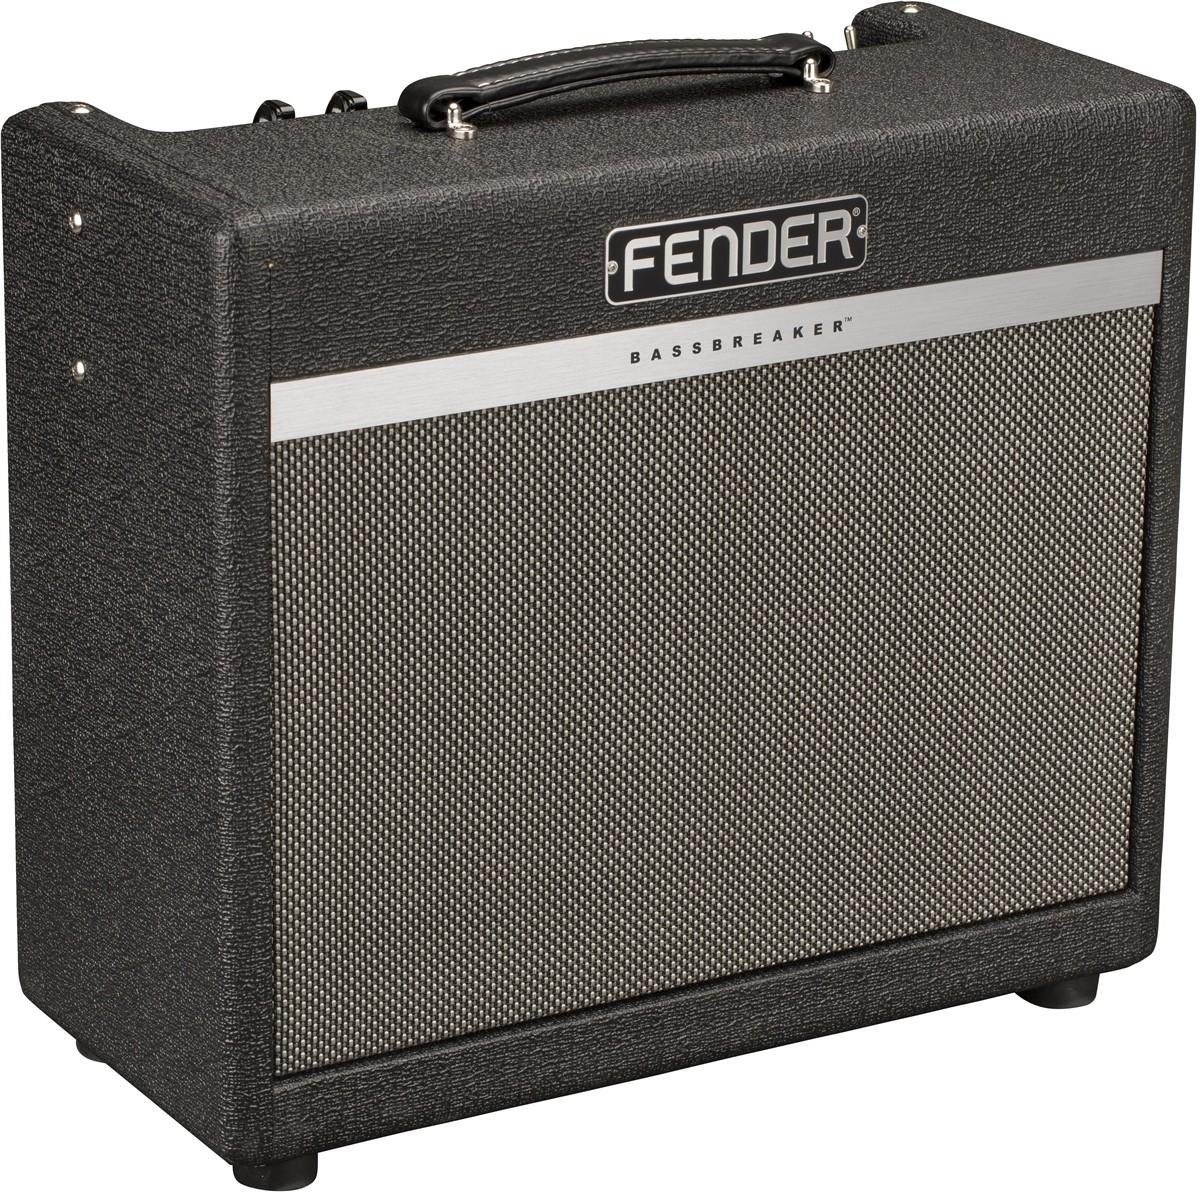 Fender Bassbreaker 15 Combo - Midnight Oil